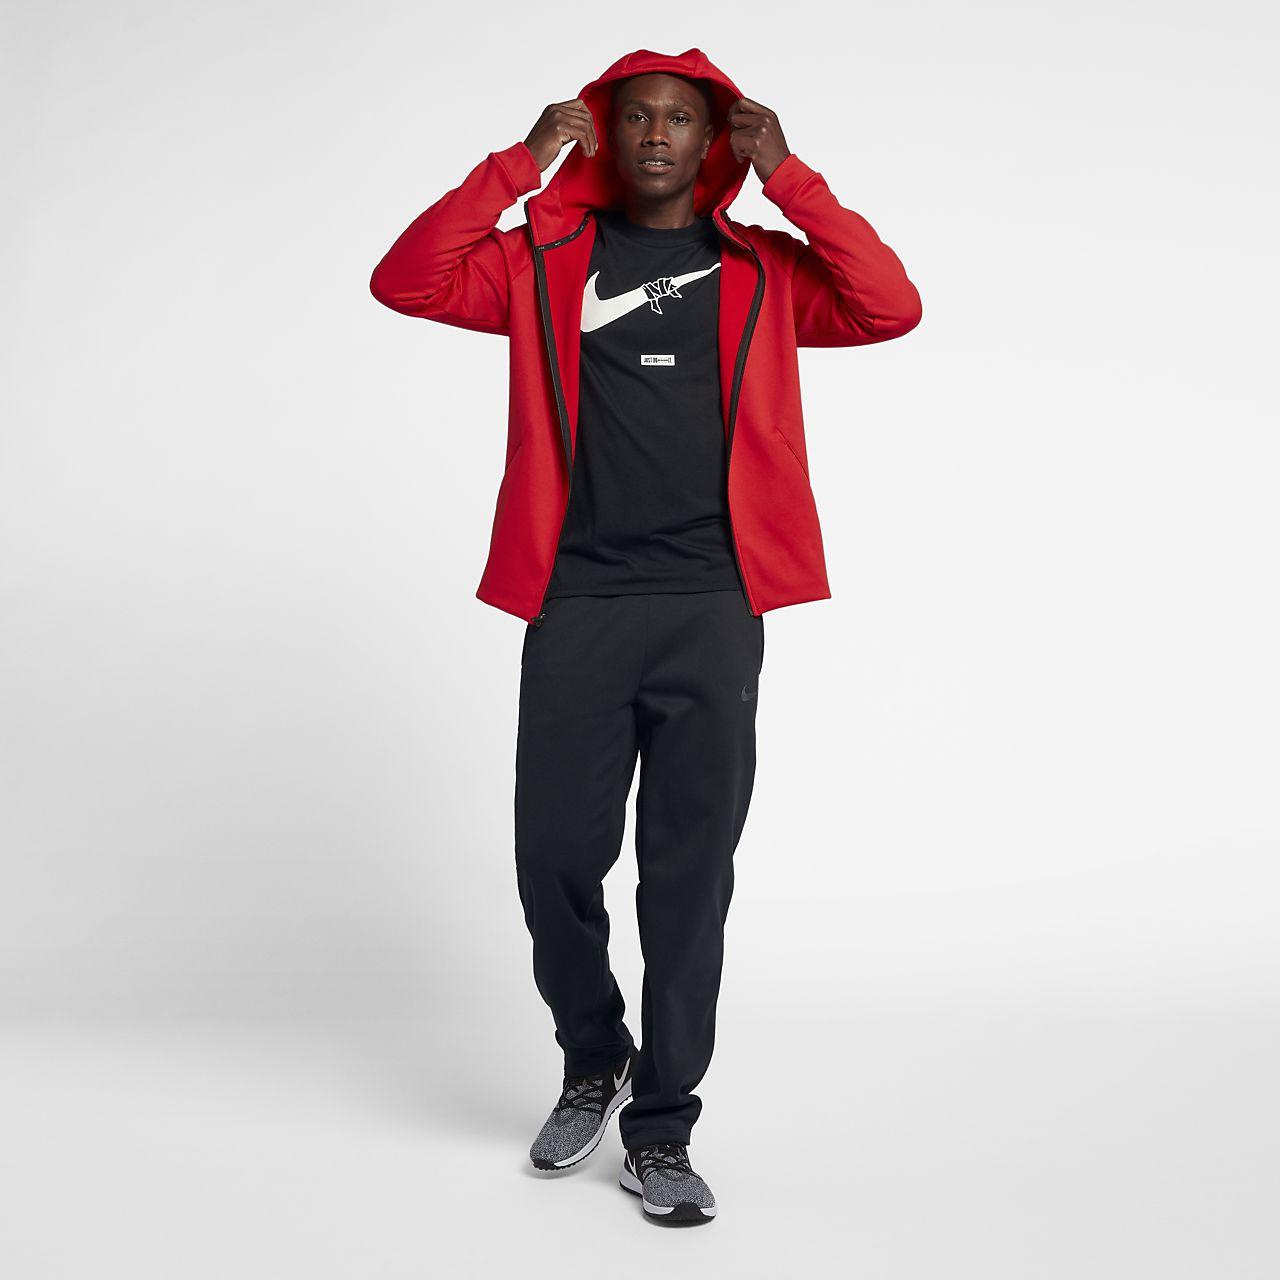 656238eb1 Nike Dri-FIT Therma Men's Training Pants. Nike.com